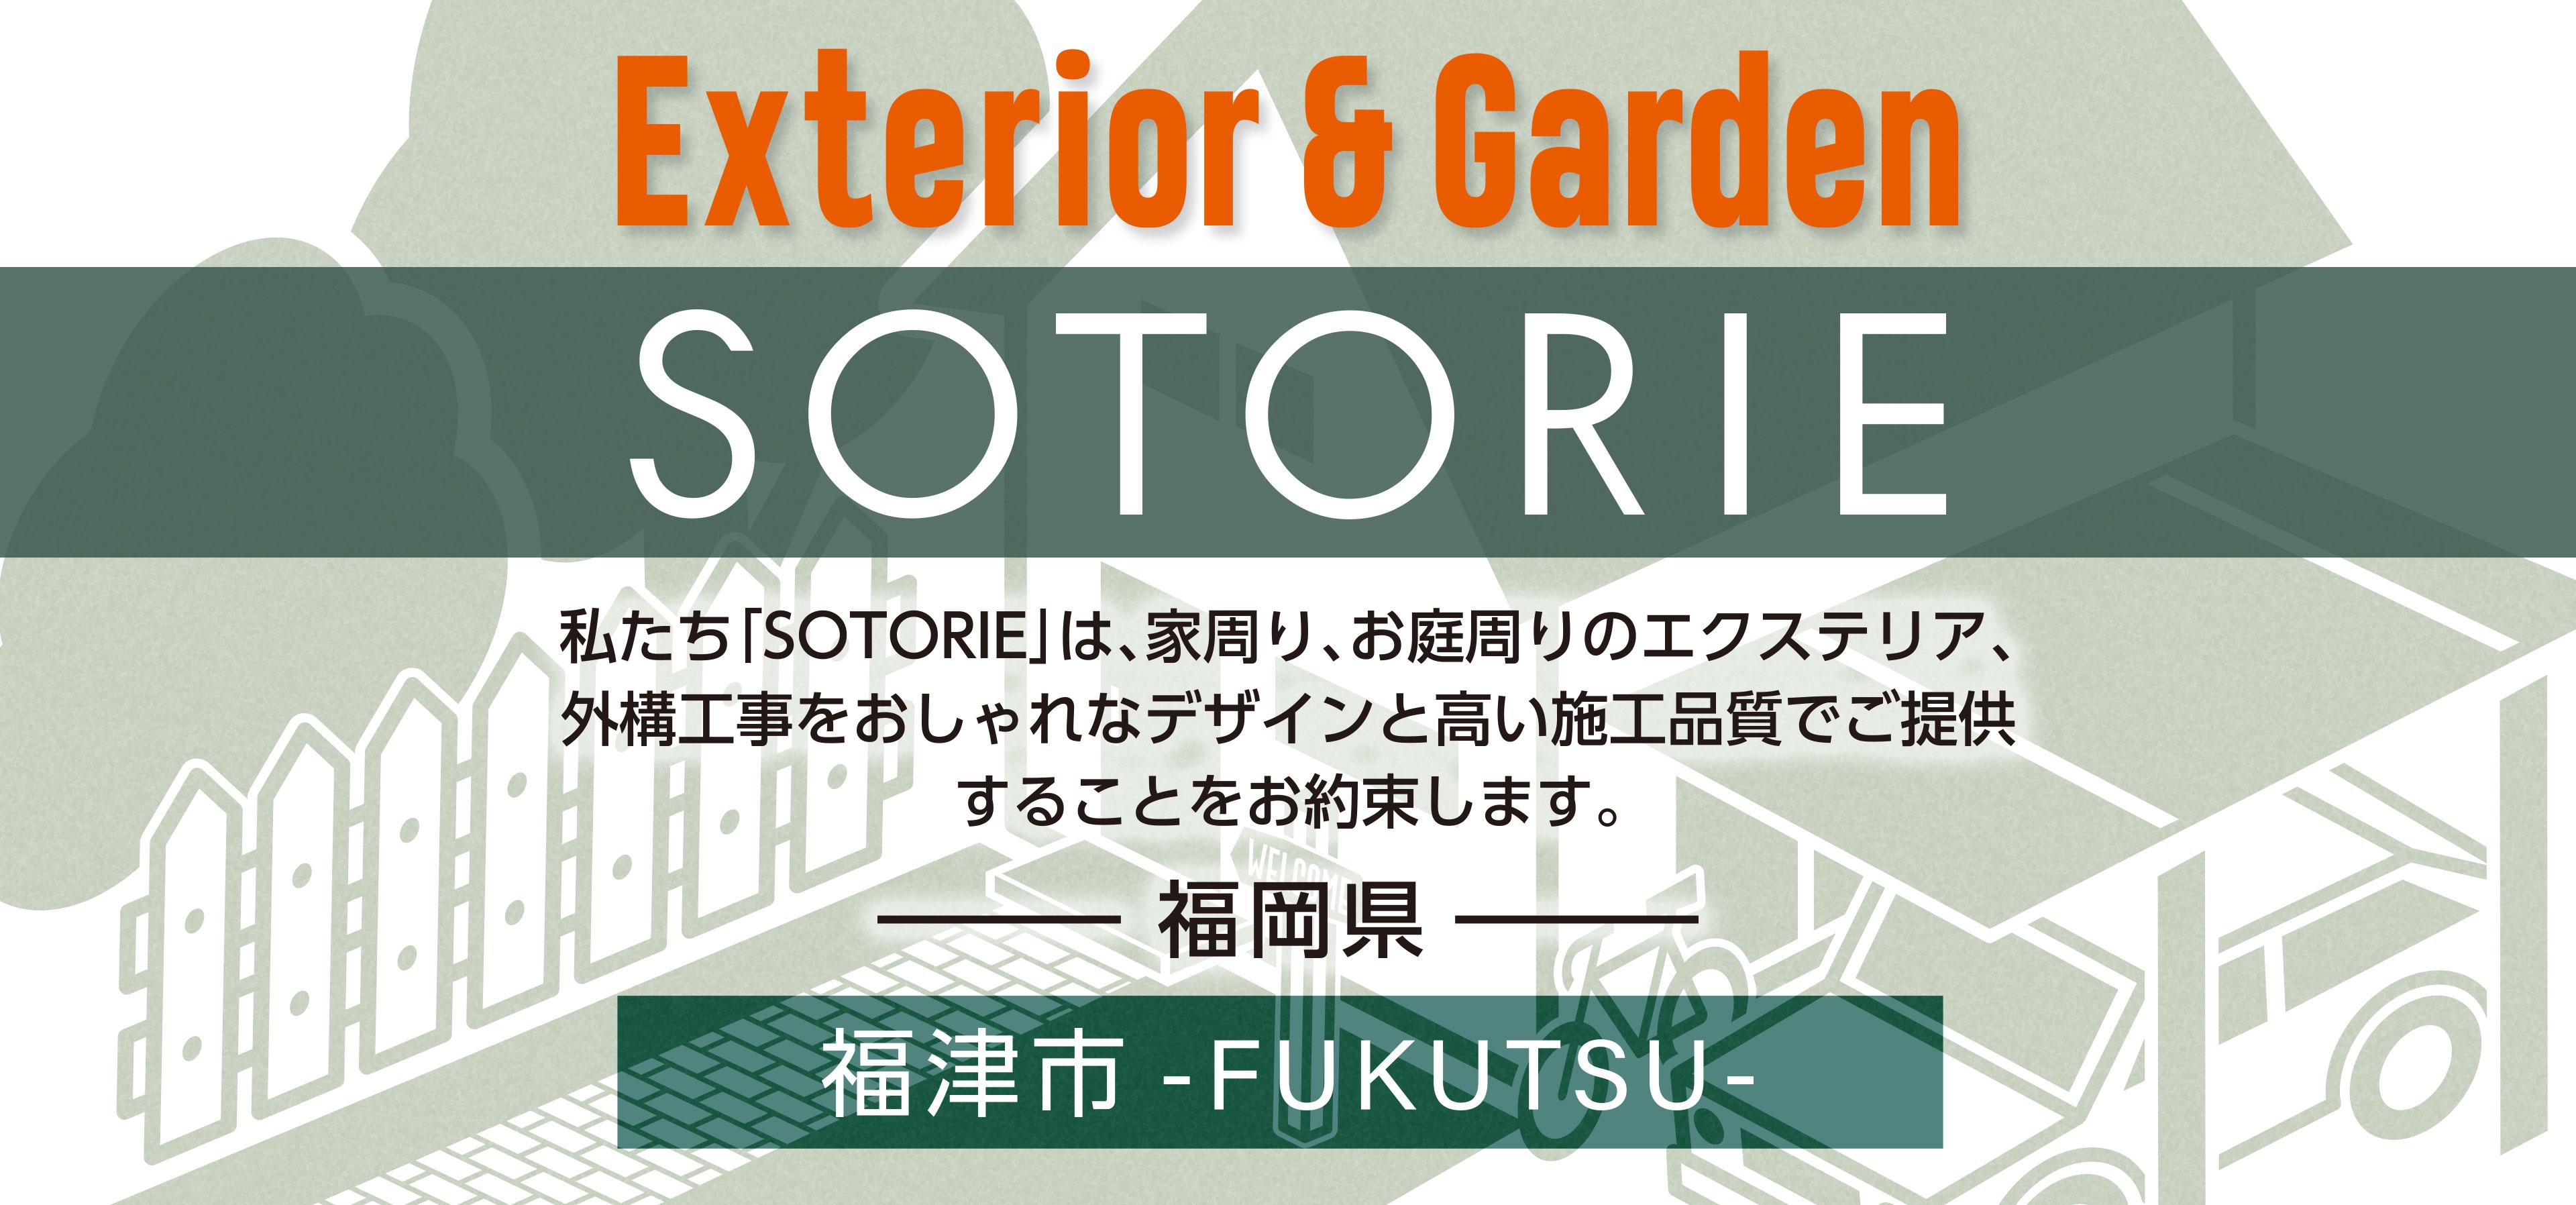 ソトリエ福津では、家周りと庭周りの外構、エクステリア工事をおしゃれなデザインと高い施工品質でご提供することをお約束します。